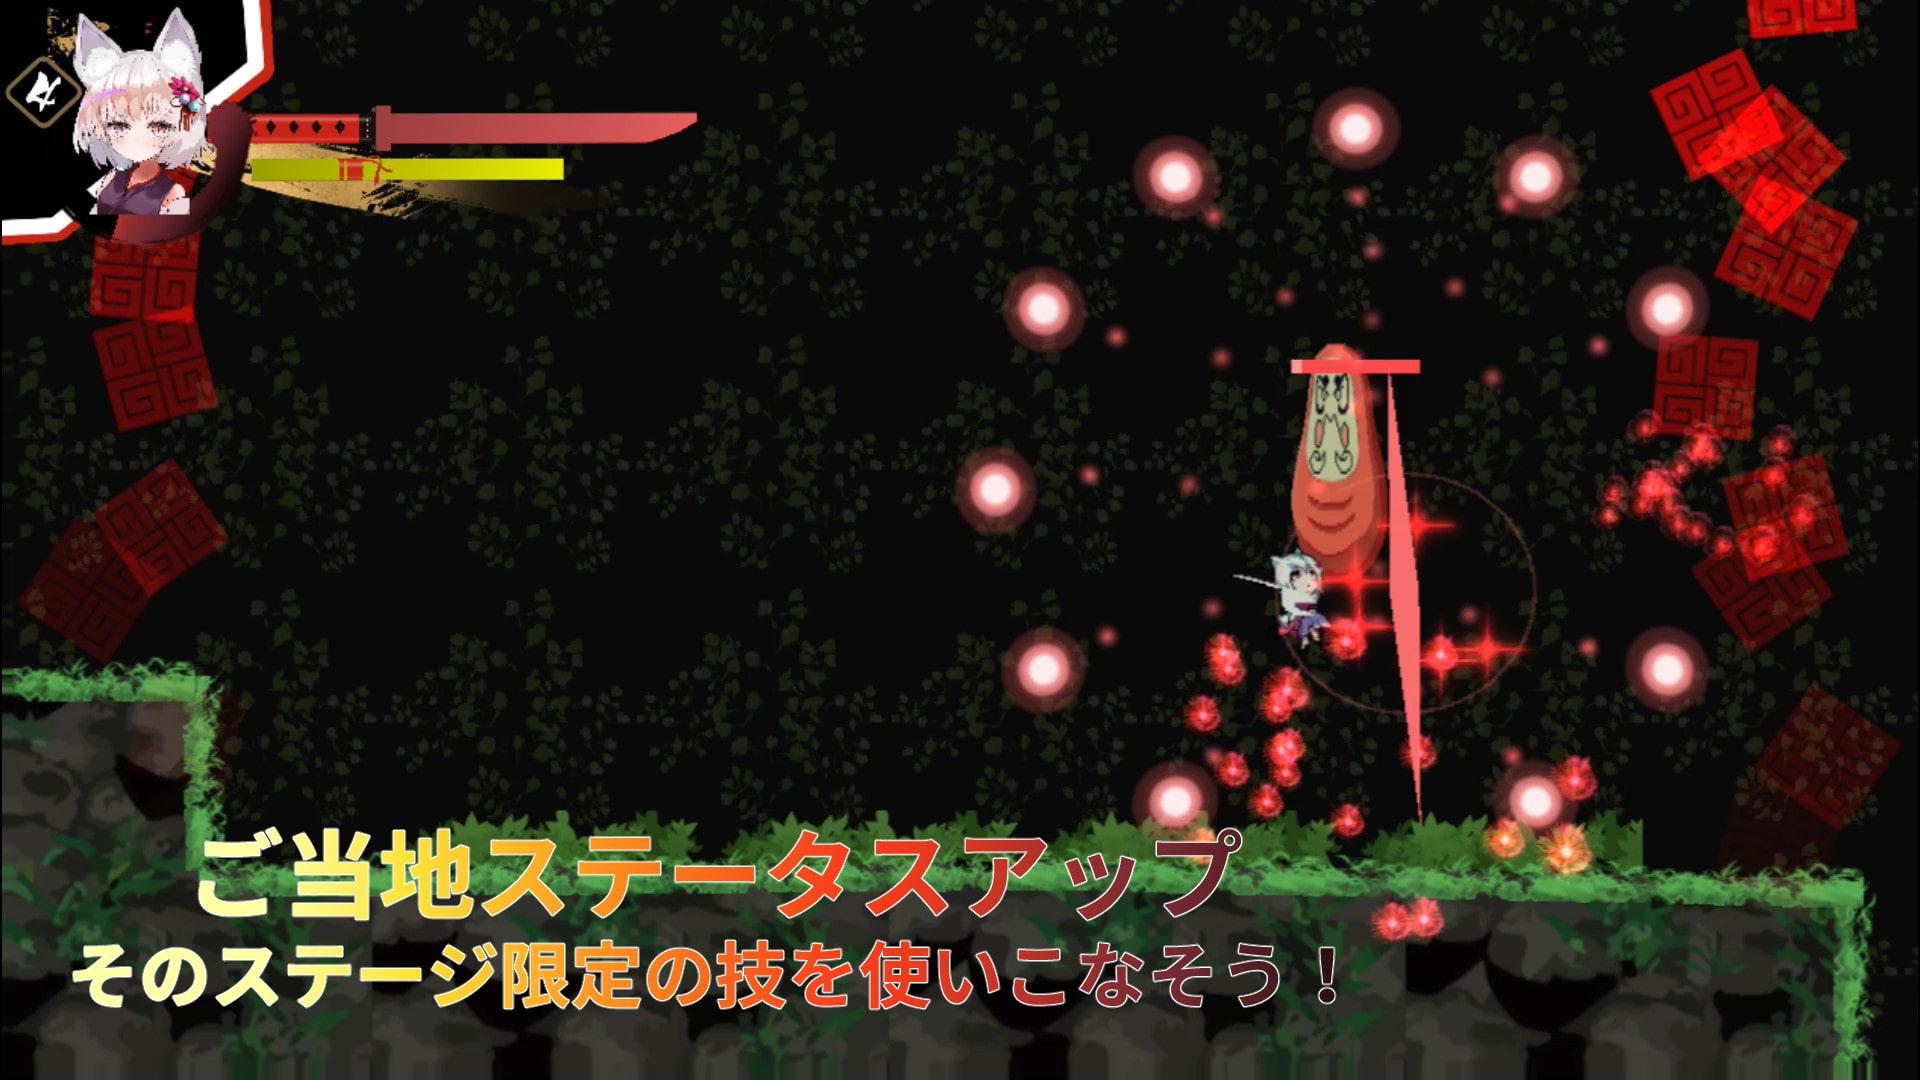 ケモミちゃんの旅~覚り少女と無垢人形~ (鳳仙花メザイア) DLsite提供:同人ゲーム – アクション